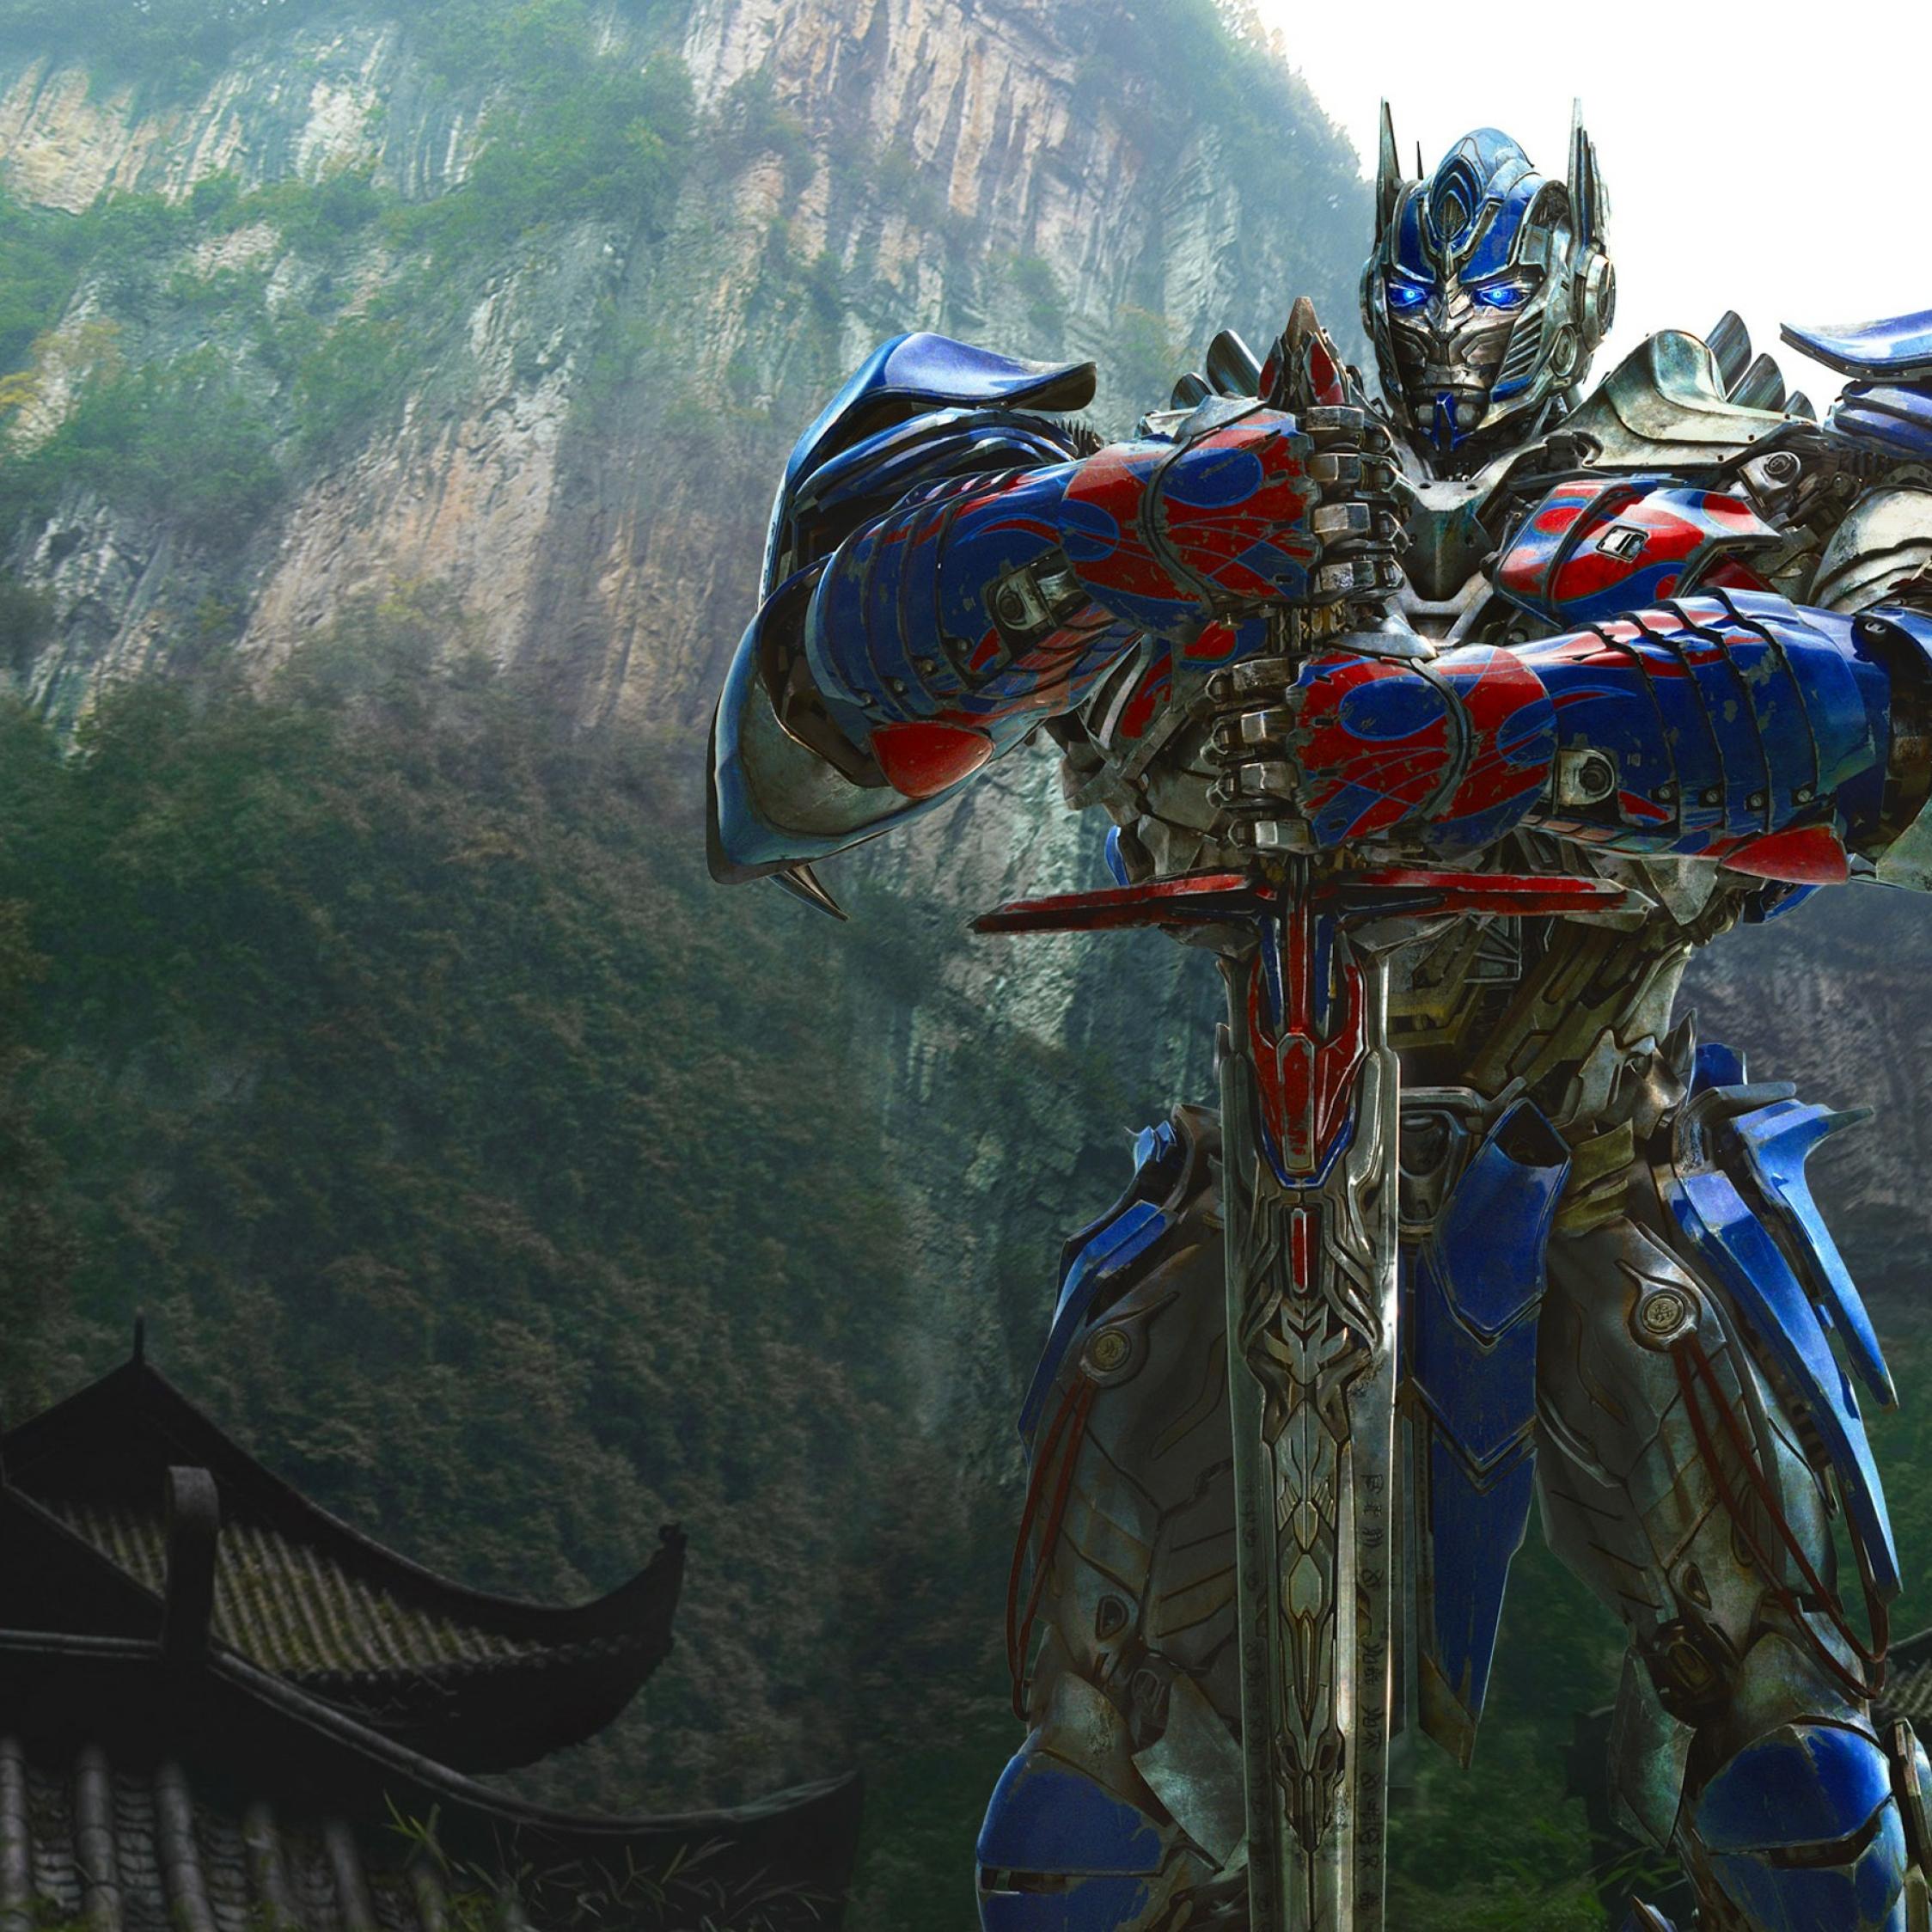 Optimus Prime Wallpaper Hd: Optimus Prime In Transformers, Full HD 2K Wallpaper